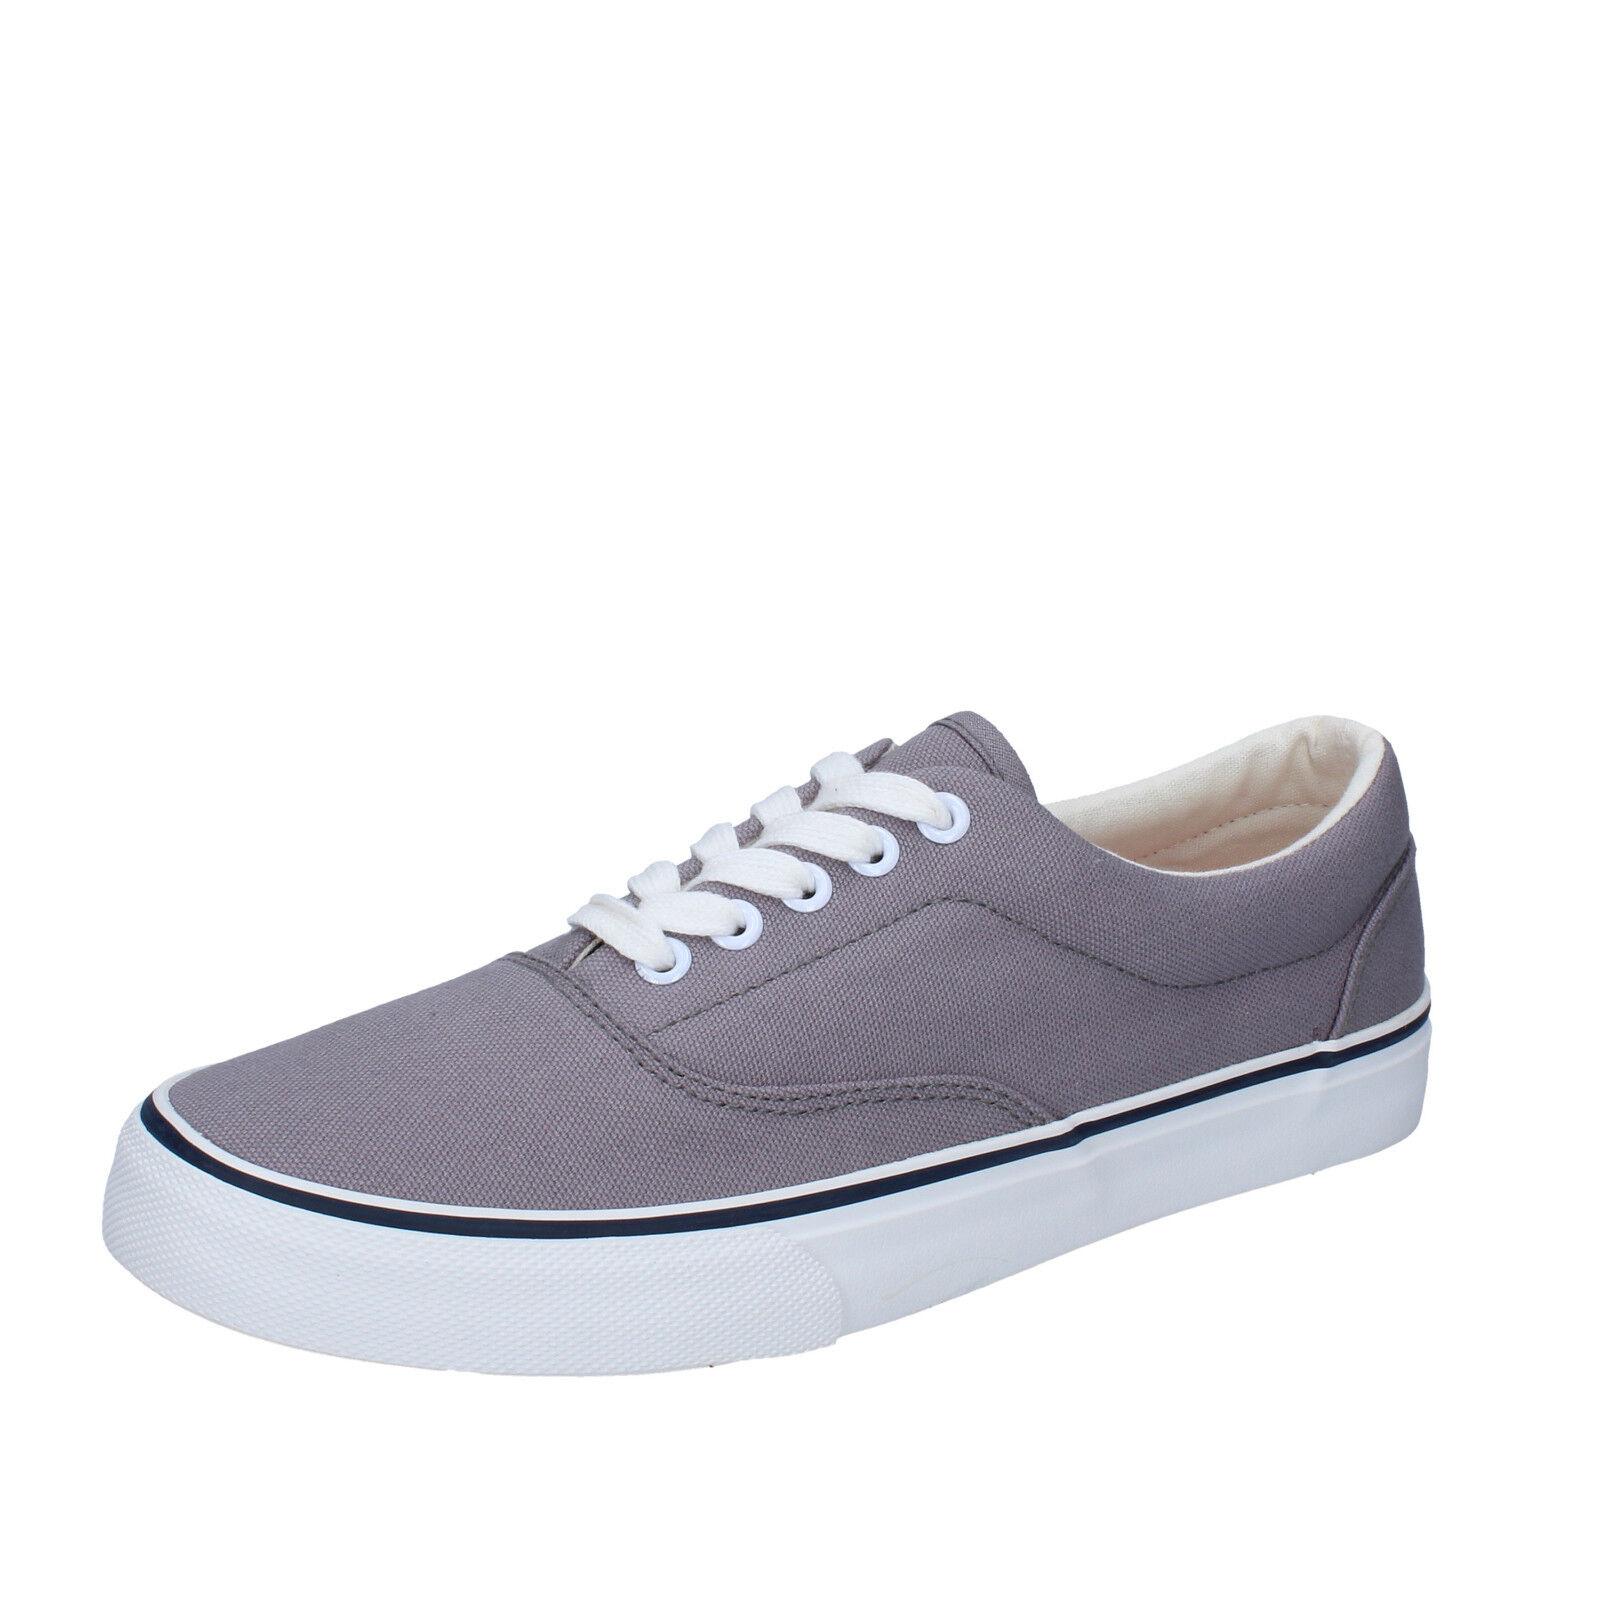 Herren schuhe LUMBERJACK 40 EU sneakers grau textil BY43-B